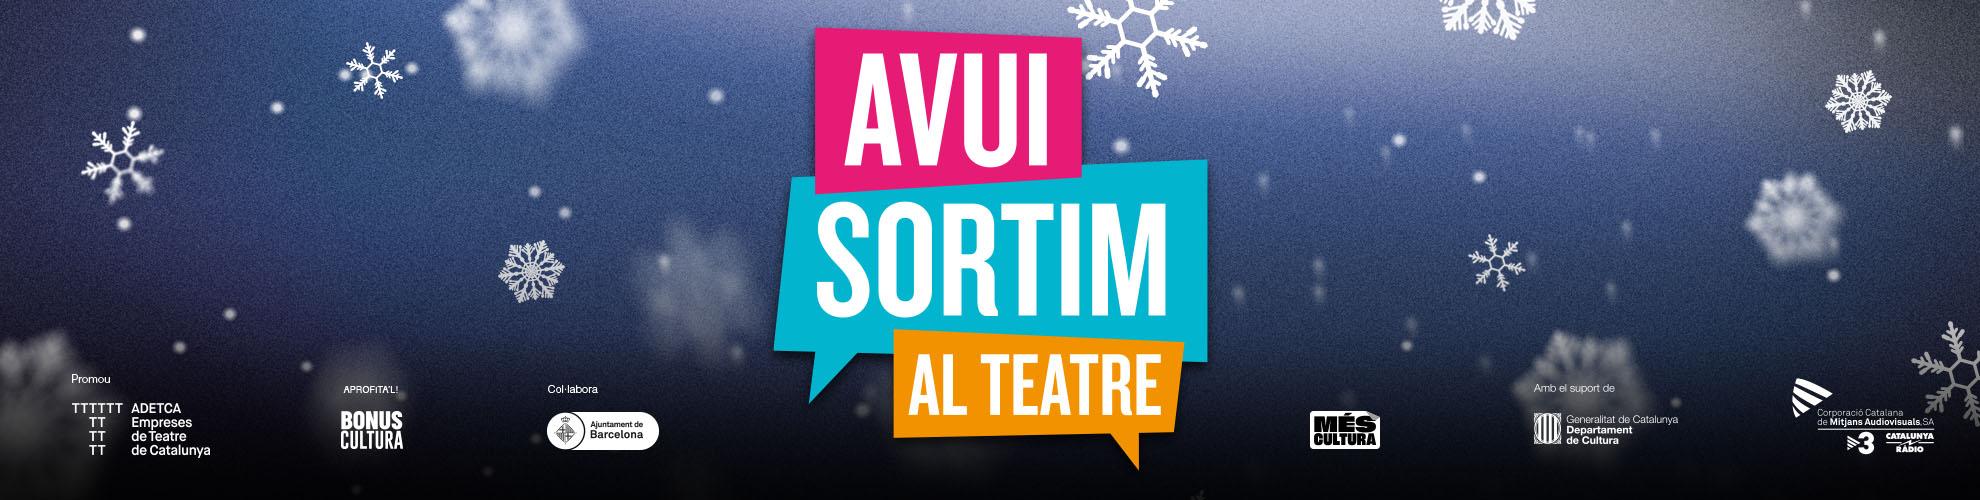 Banner Avui Sortim al Teatre